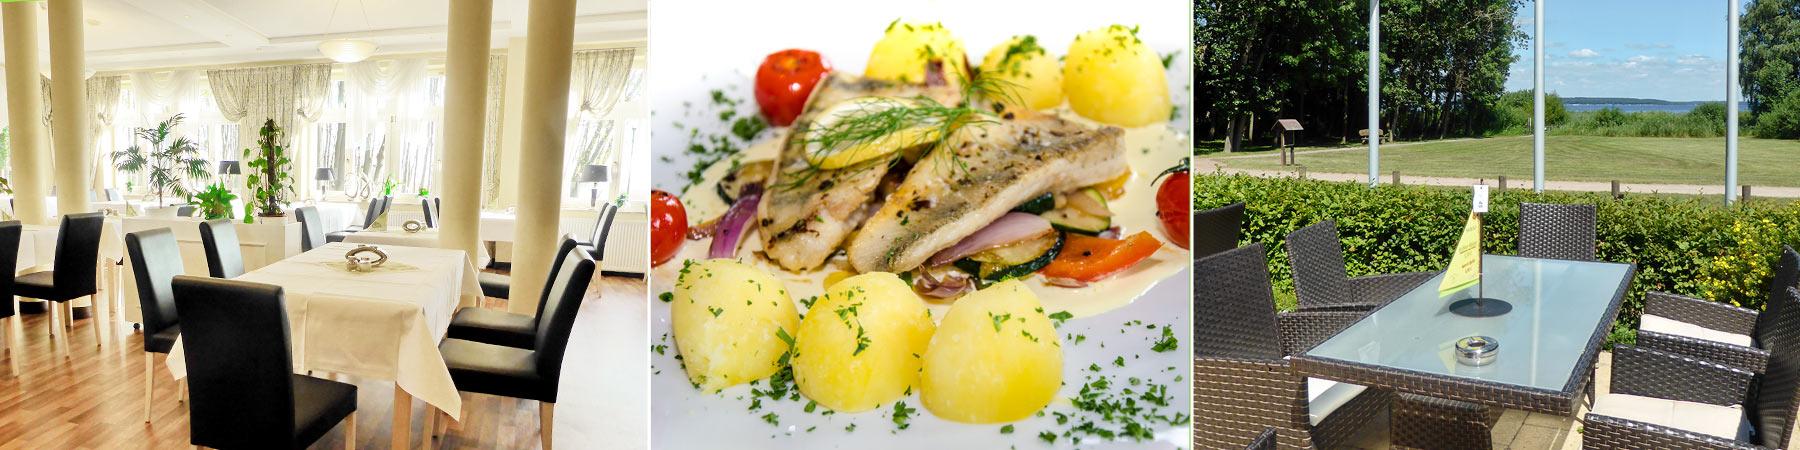 Restaurant schmal - Strandhotel Plau am See